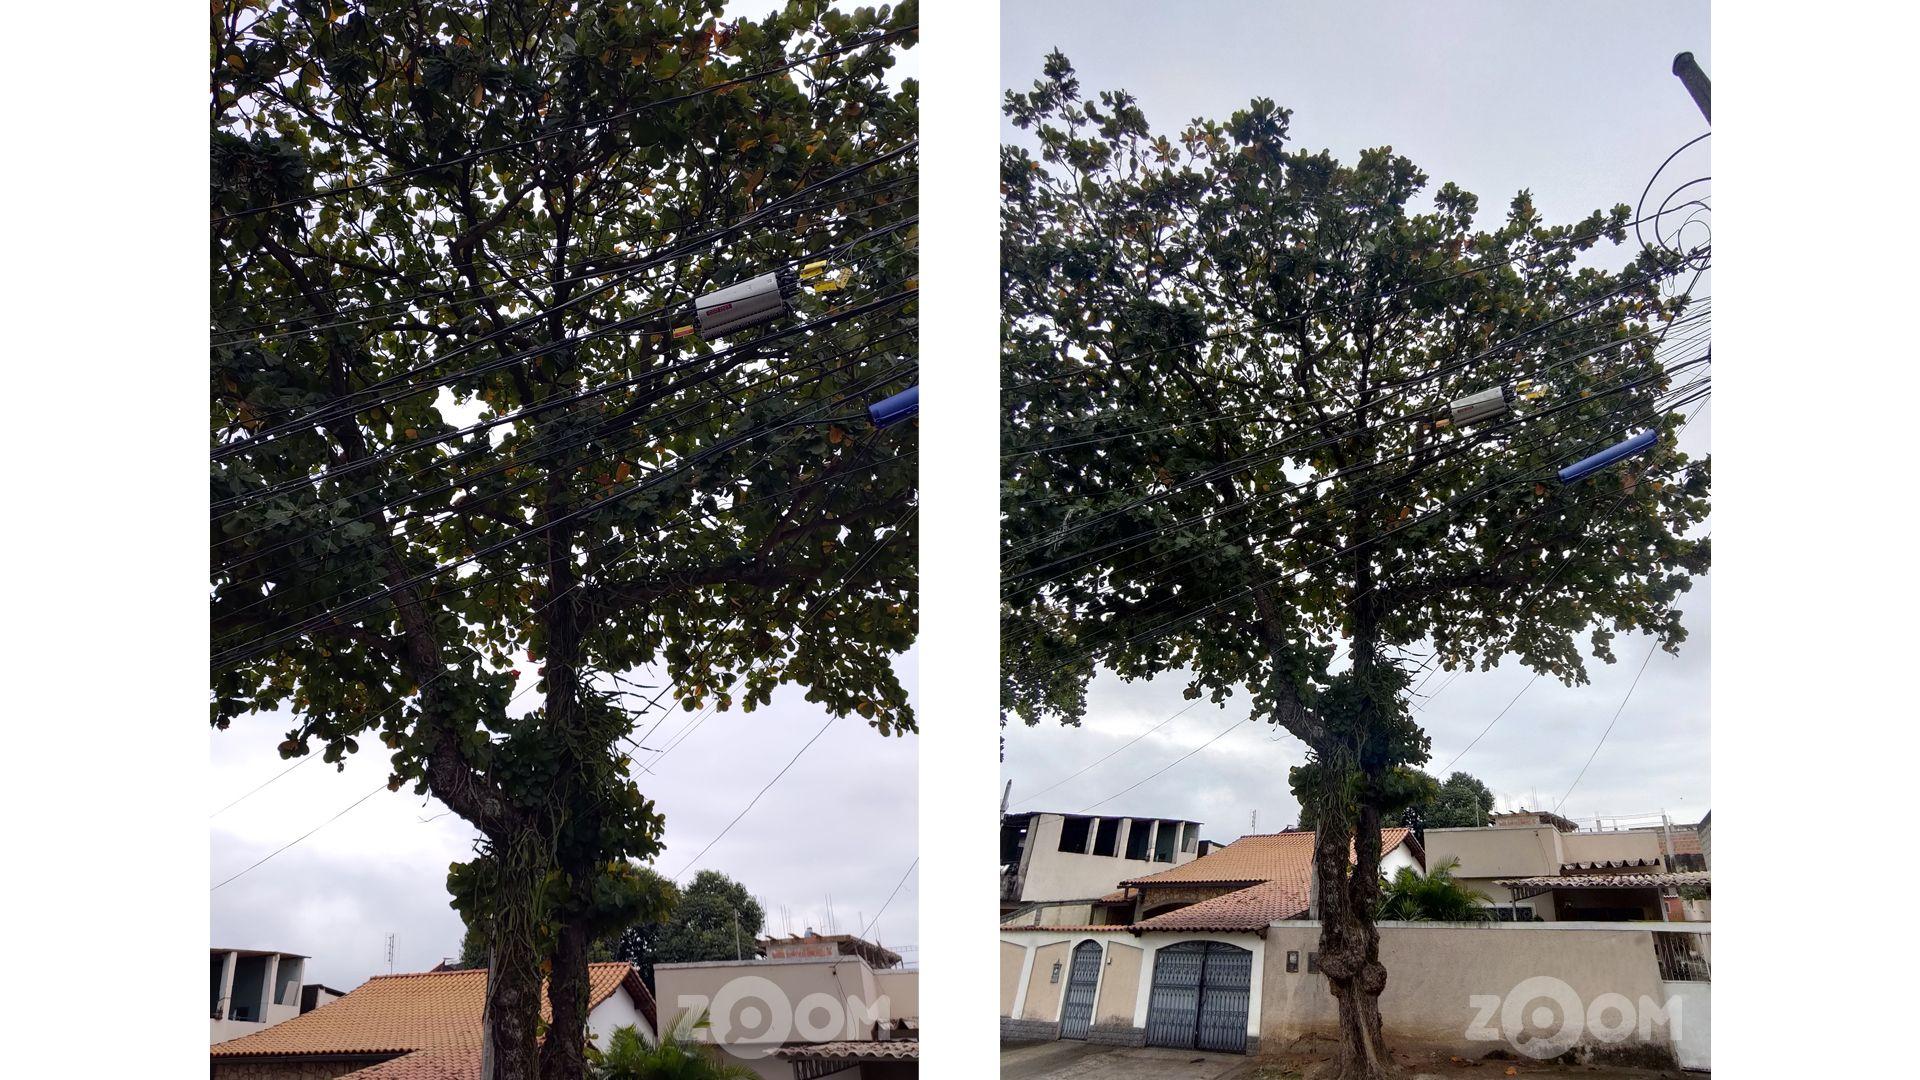 Foto com a câmera normal (à esquerda) e foto com a câmera ultrawide (à direita). (Foto: Murilo Tunholi/Zoom)